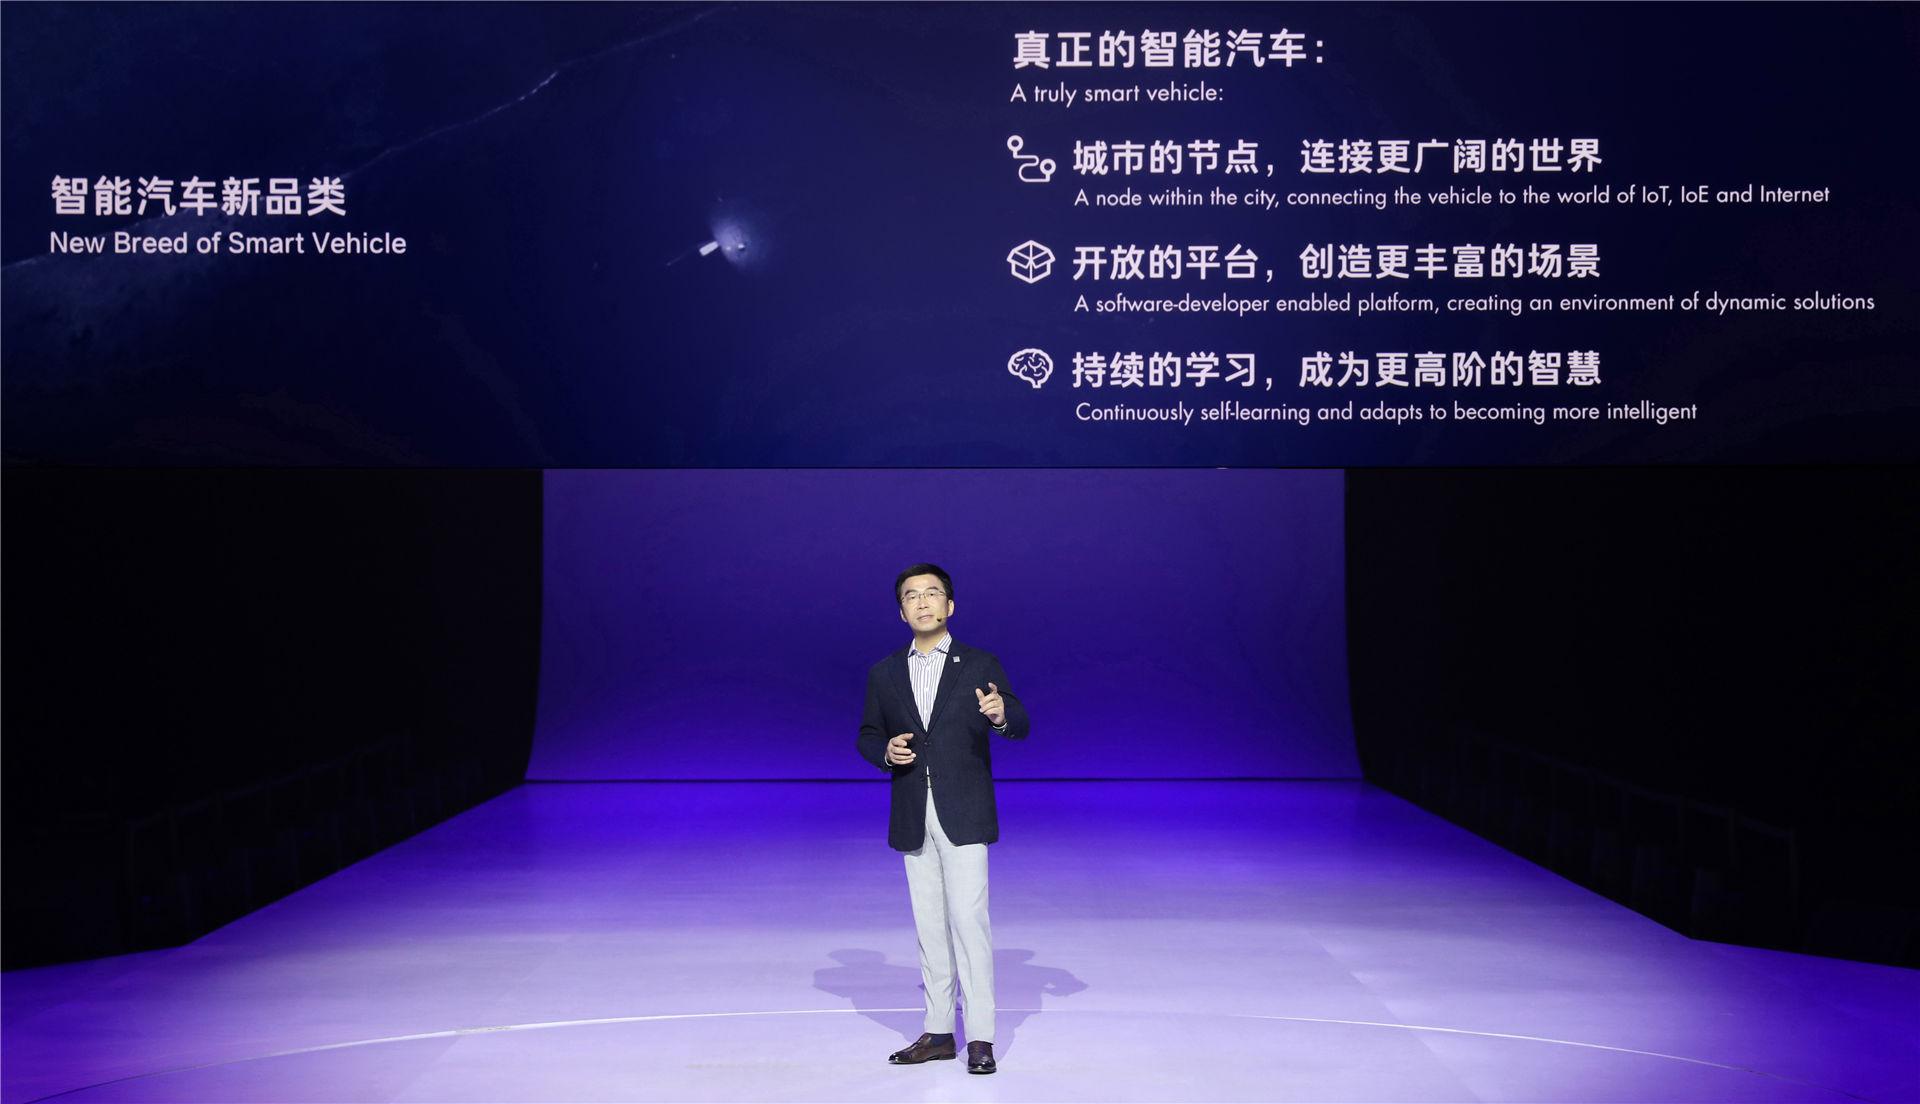 华人运通创始人丁磊